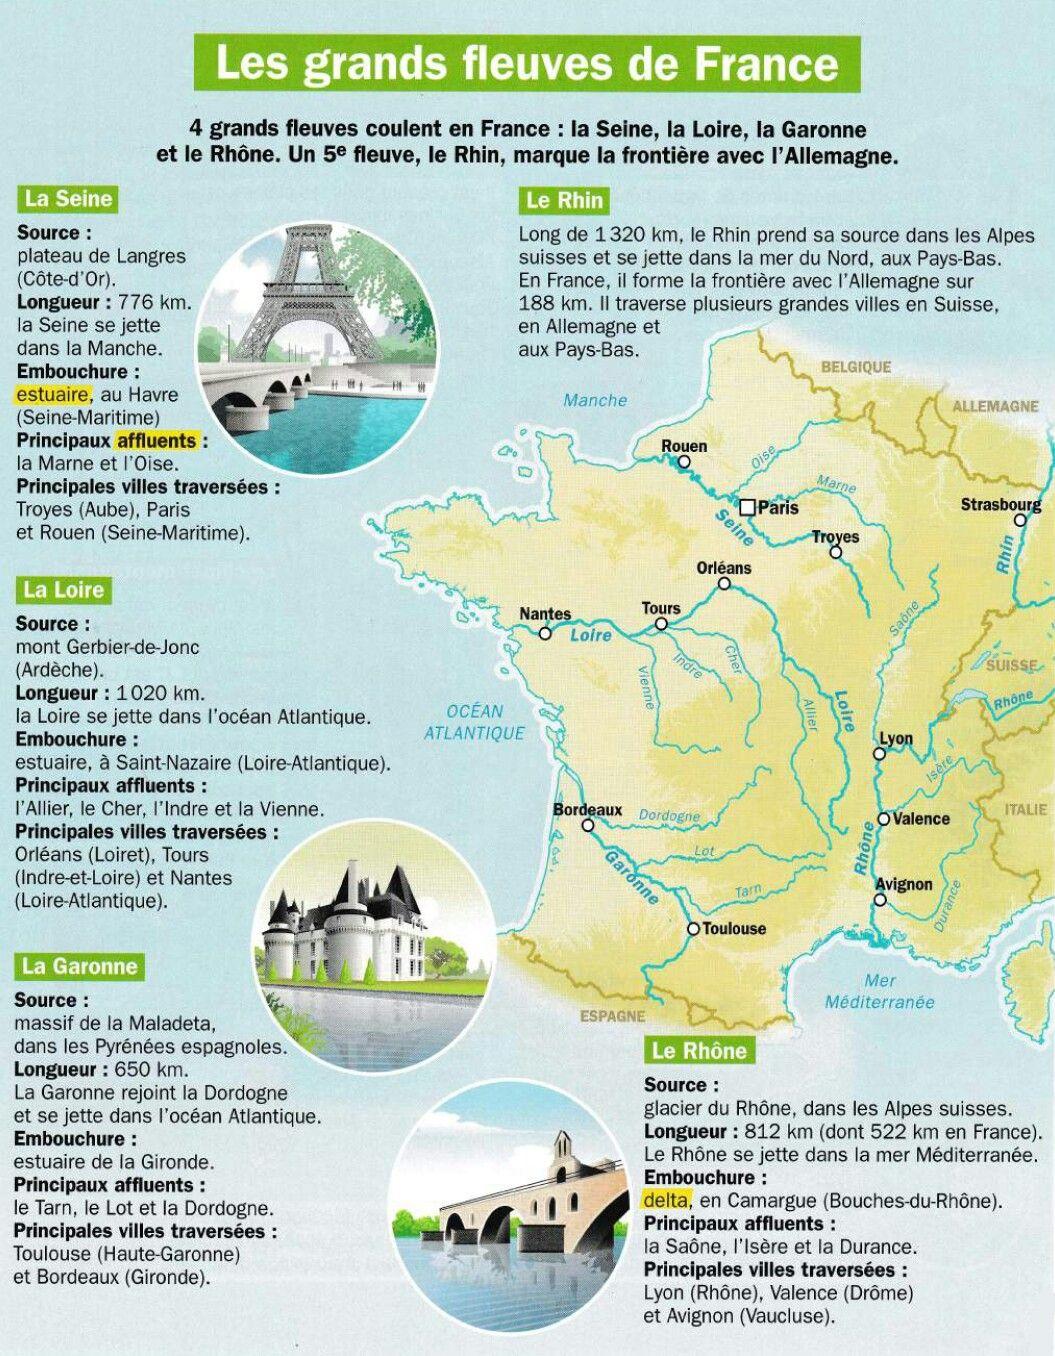 Épinglé Par Aline Personne Sur Documents Scolaires | Fleuve pour Carte Fleuve France